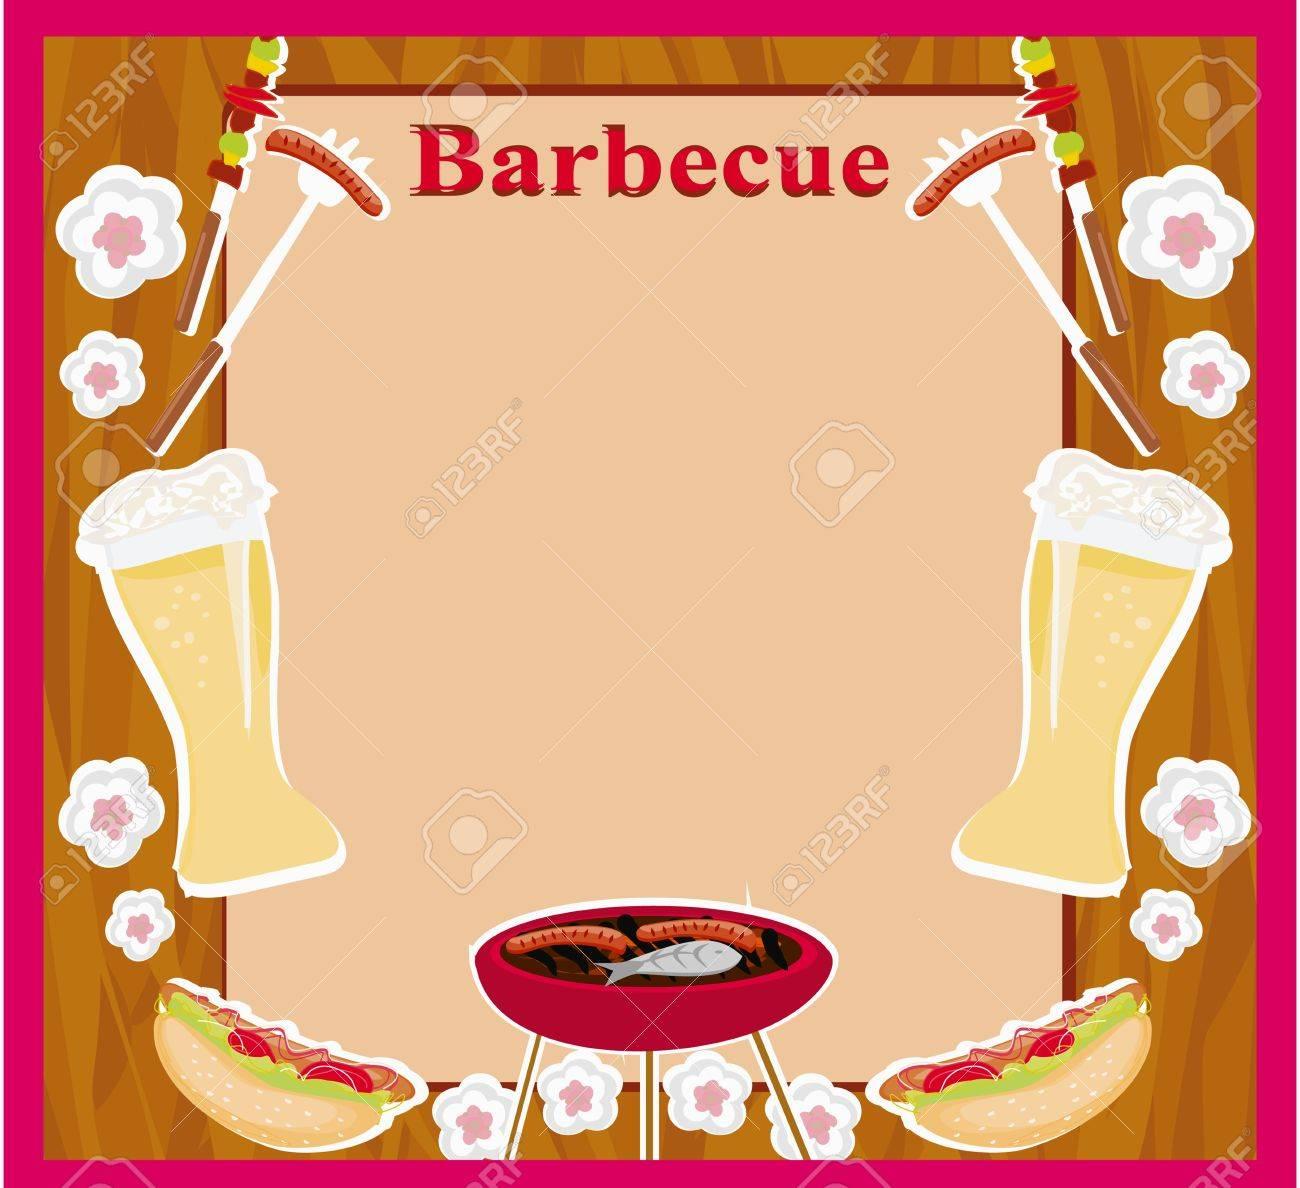 Barbecue Party Invitation Stock Vector - 19631047